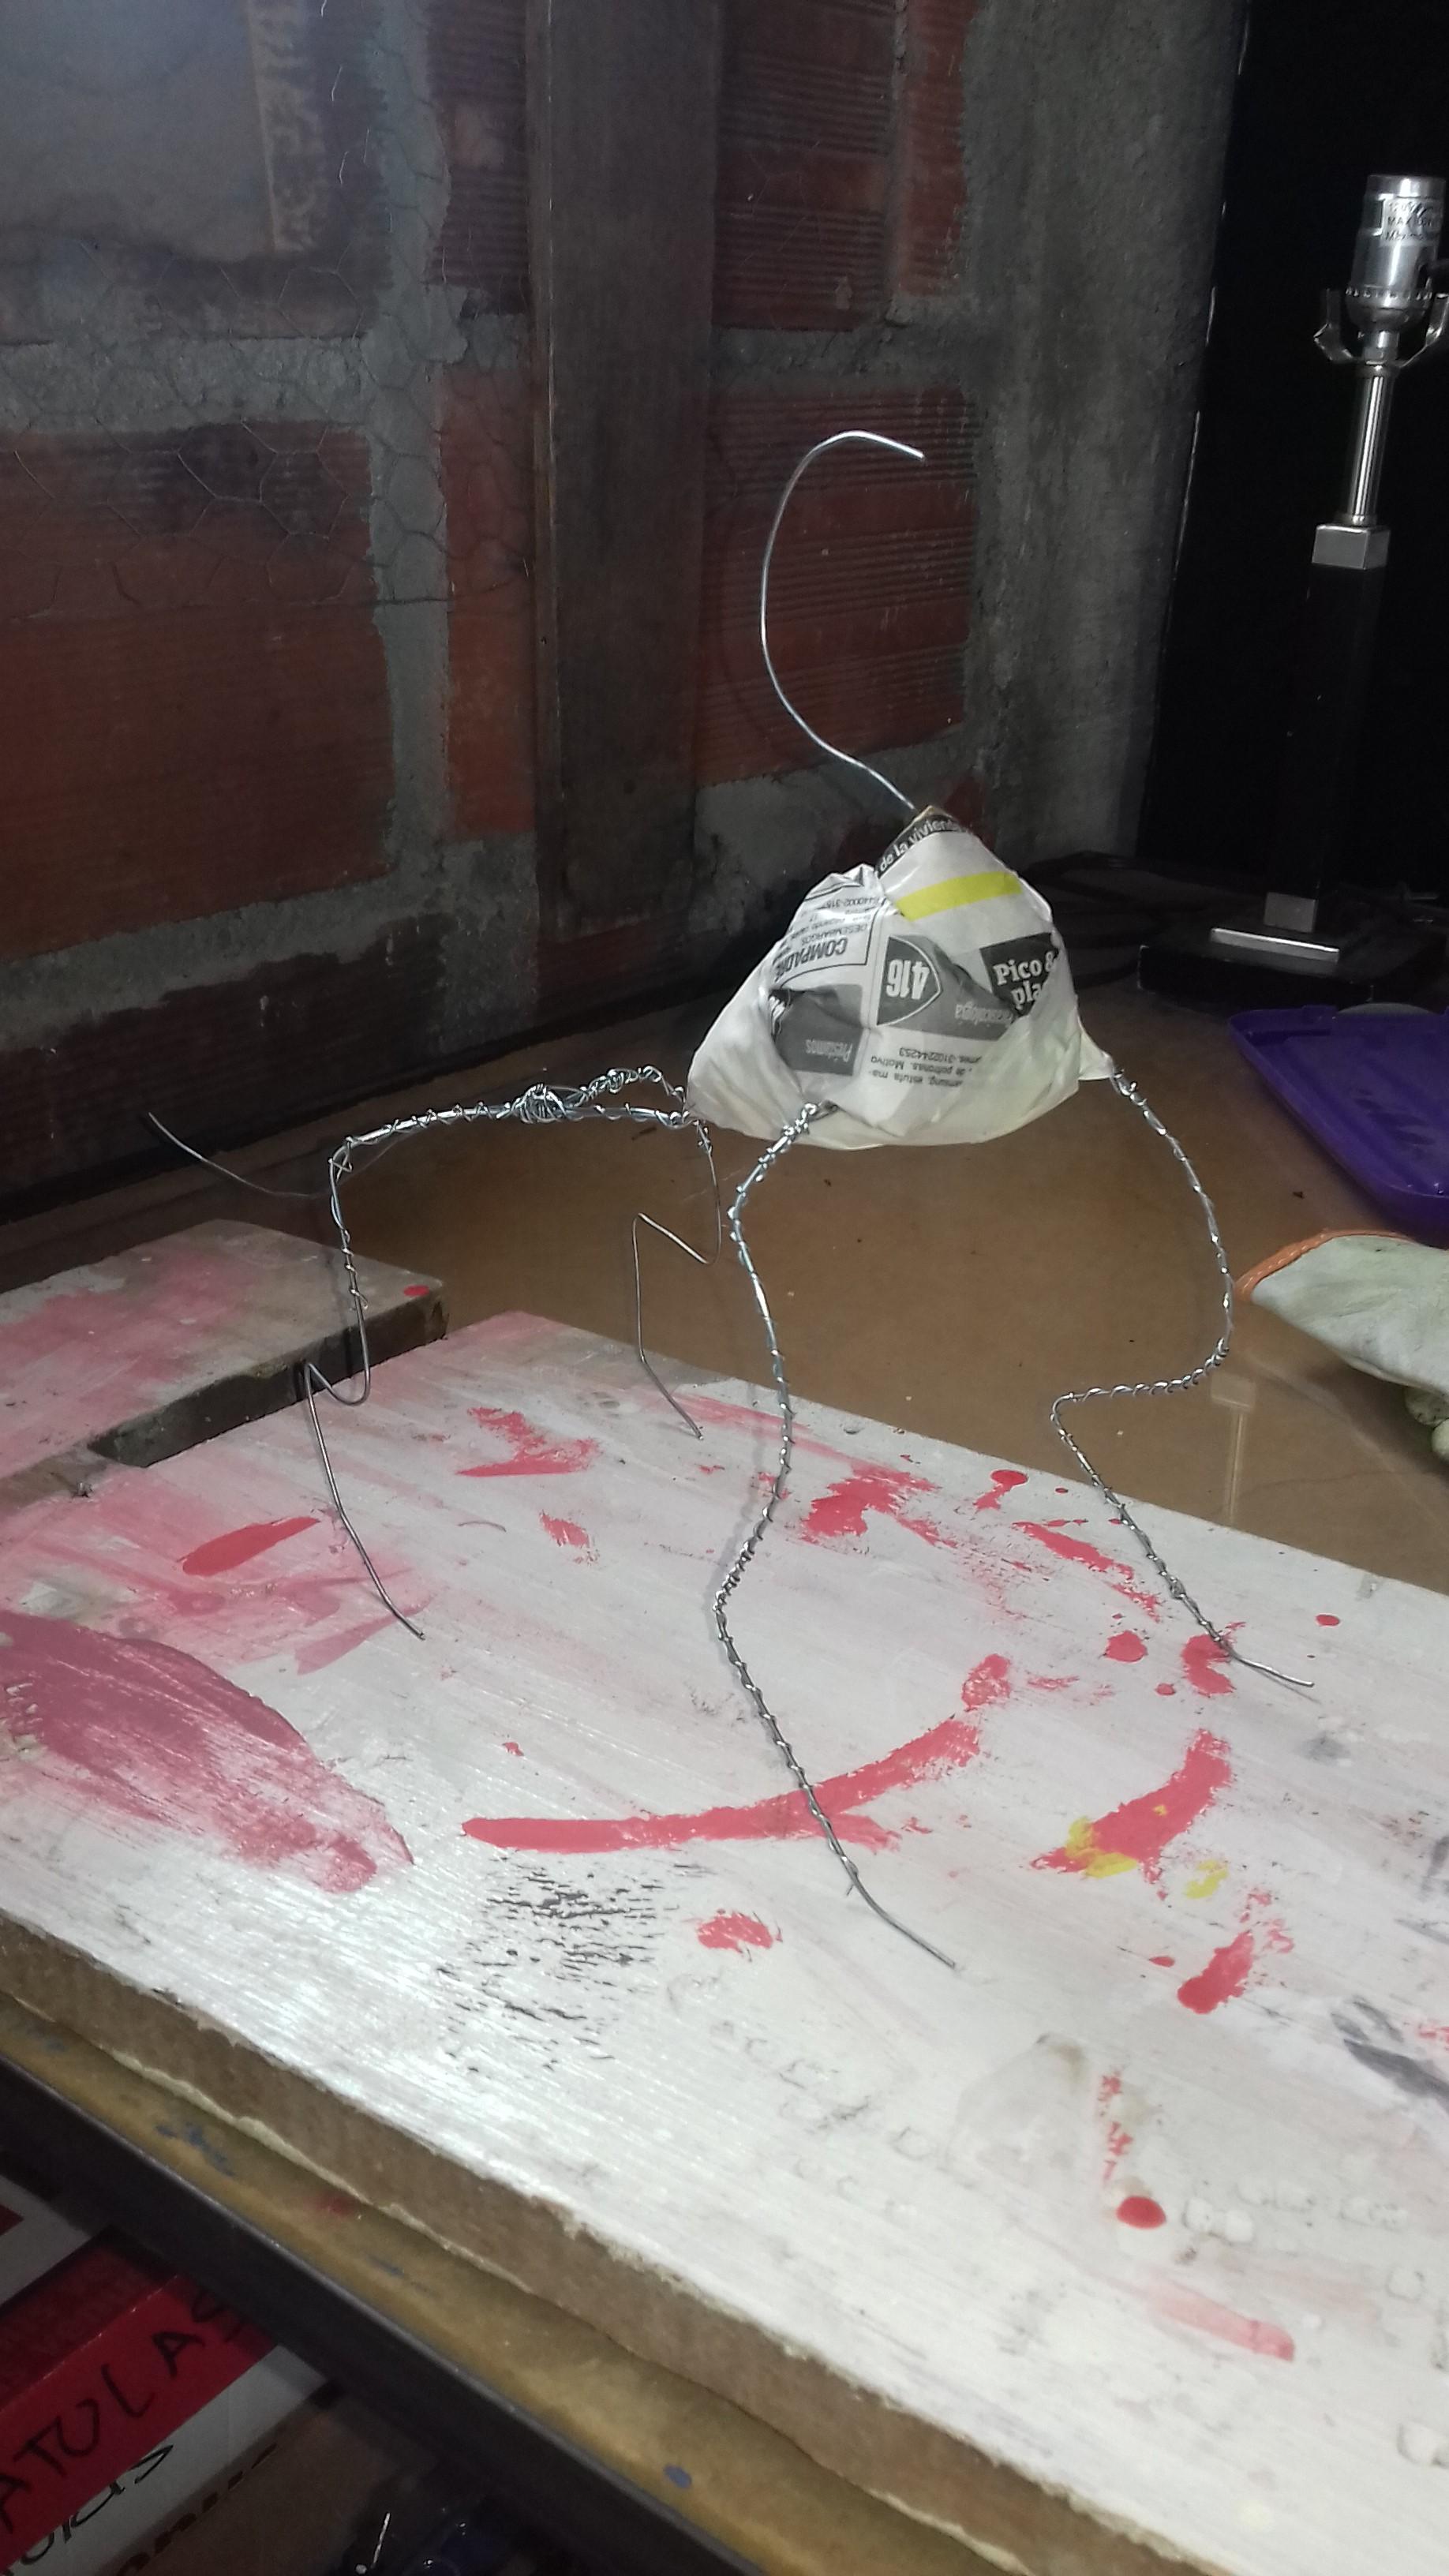 deathwing imponente en porcelana fria (certificado)